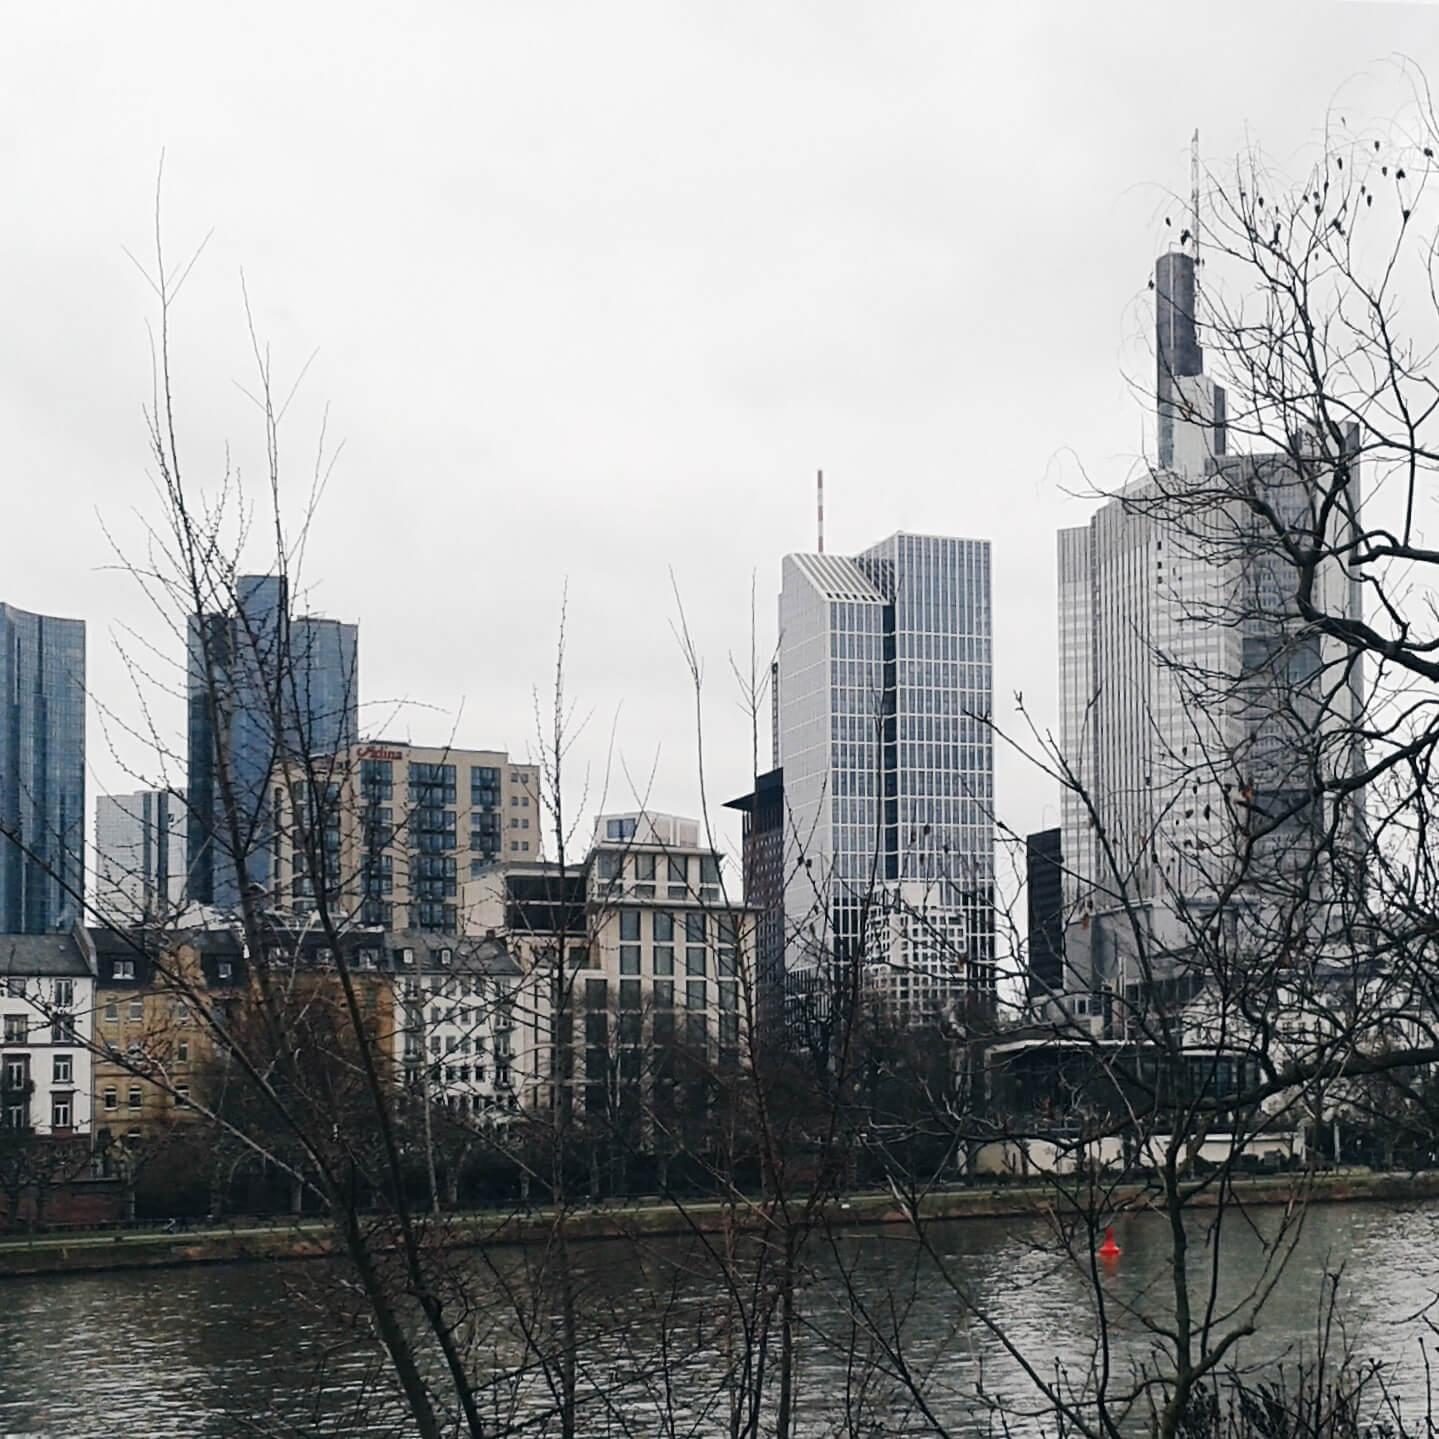 Jede gute Reise beginnt in Frankfurt!